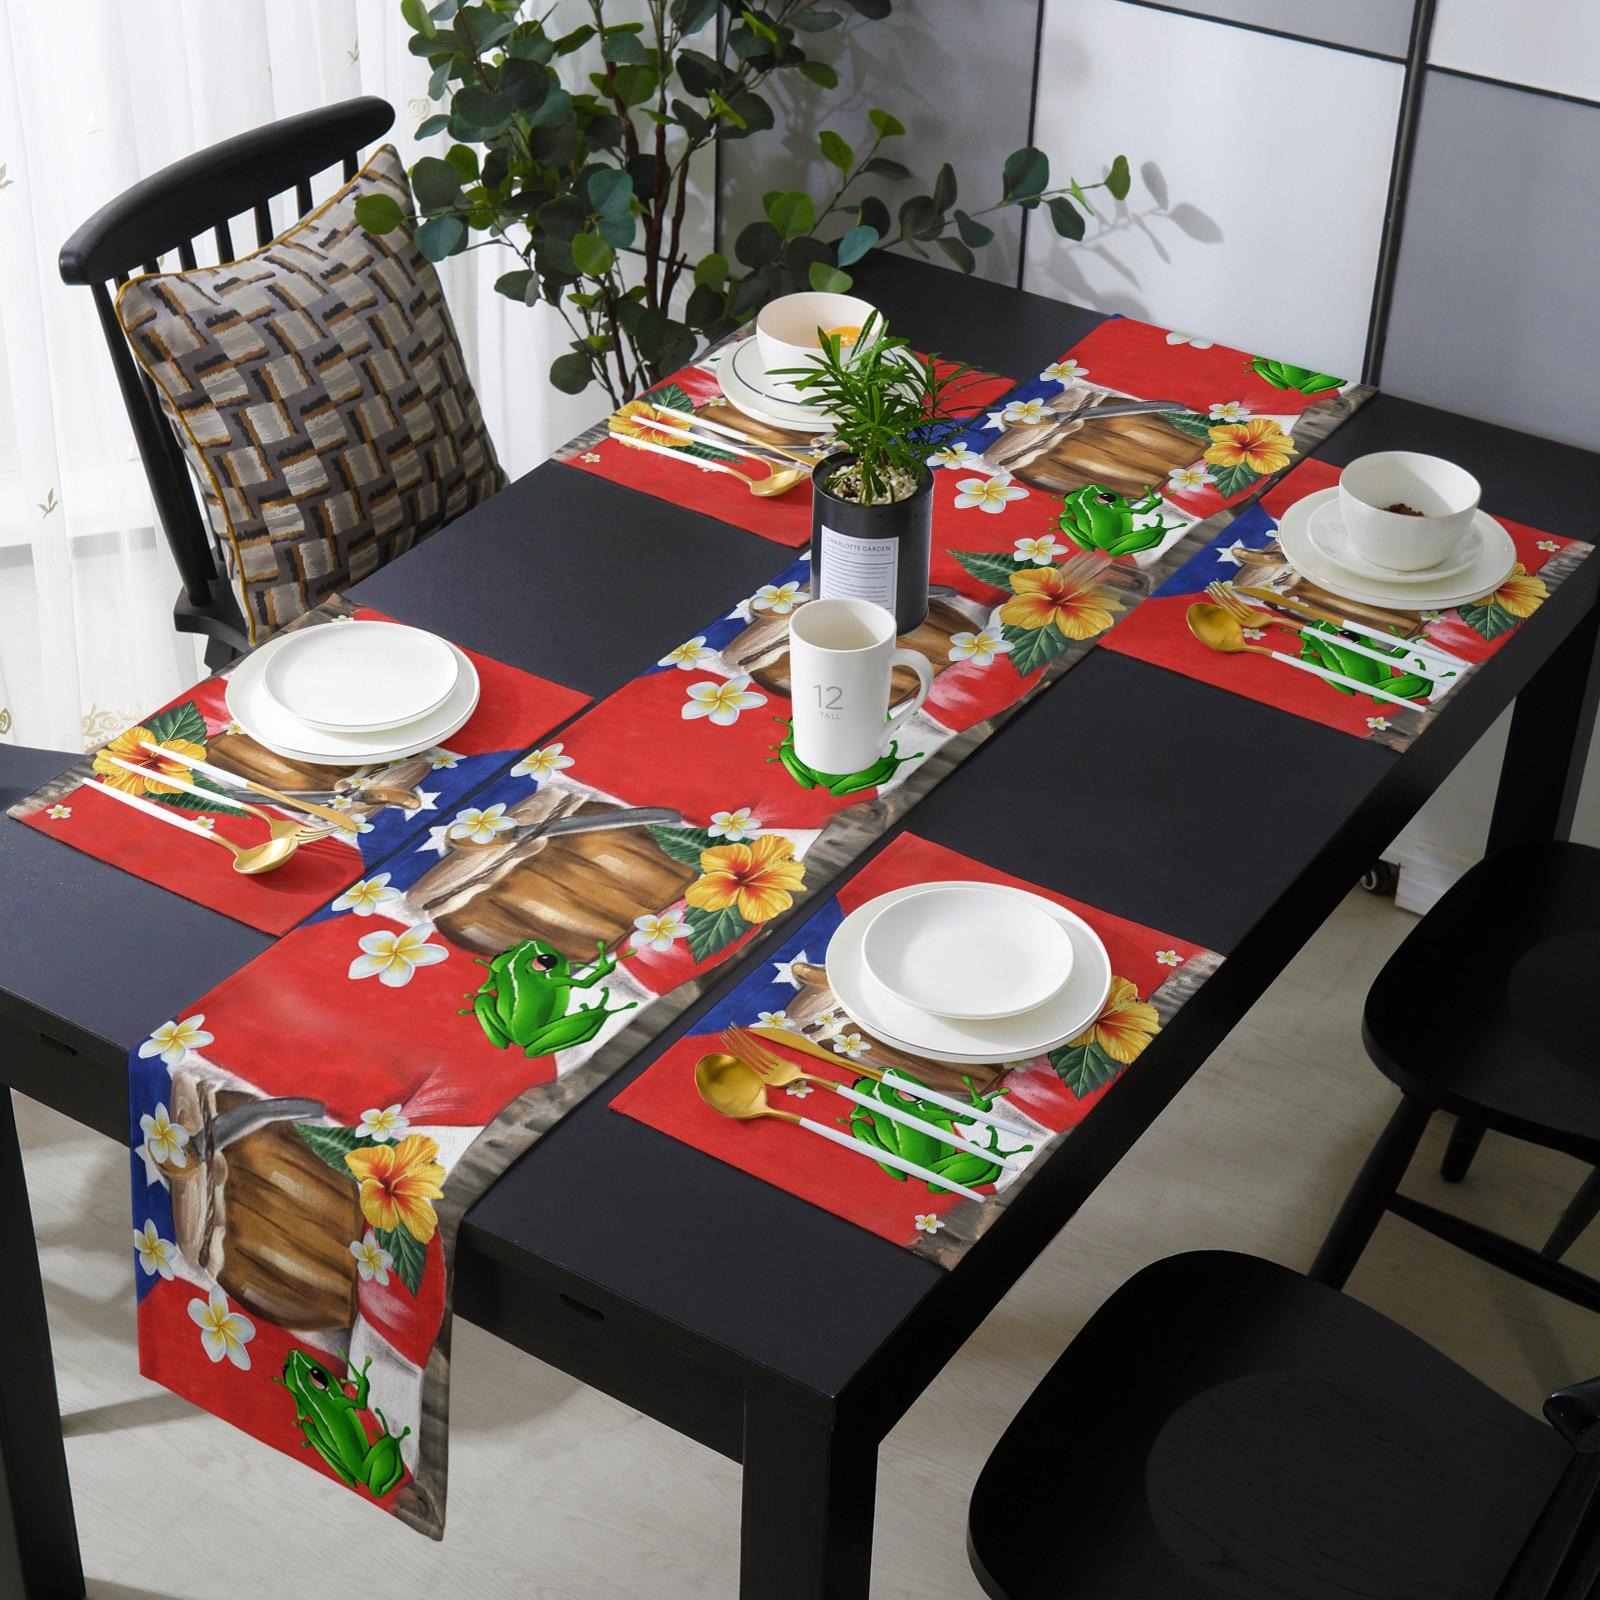 بورتوريكو العلم الضفدع الكركديه الجدول عداء مجموعة فاخرة الزفاف مأدبة الجدول الديكور الجدول عداء طاولة القهوة مفرش المائدة